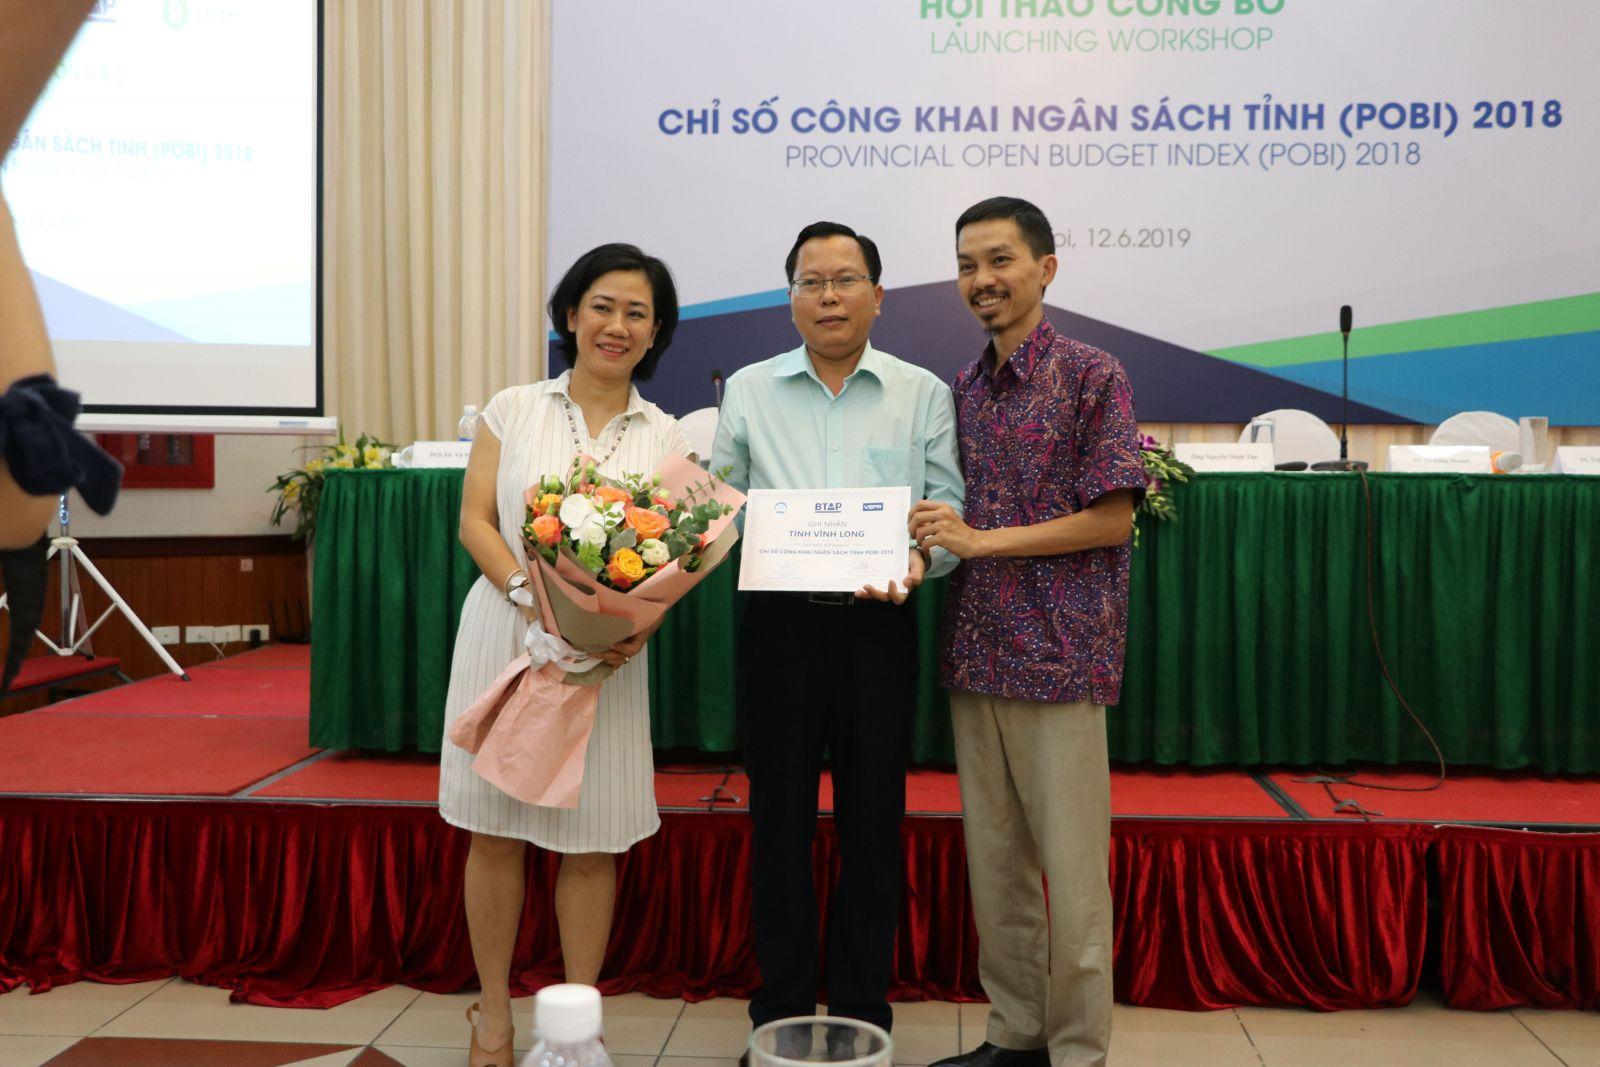 Ông Nguyễn Mạnh Hùng, Phó giám đốc Sở Tài chính Vĩnh Long (đứng giữa) được trao Giấy Ghi nhận tỉnh công khai ngân sách đầy đủ (nhóm A). Liên minh Minh bạch Ngân sách mong rằng đây là động thái tích cực để khuyến khích các tỉnh thành làm tốt hơn nữa | Ảnh: VEPR